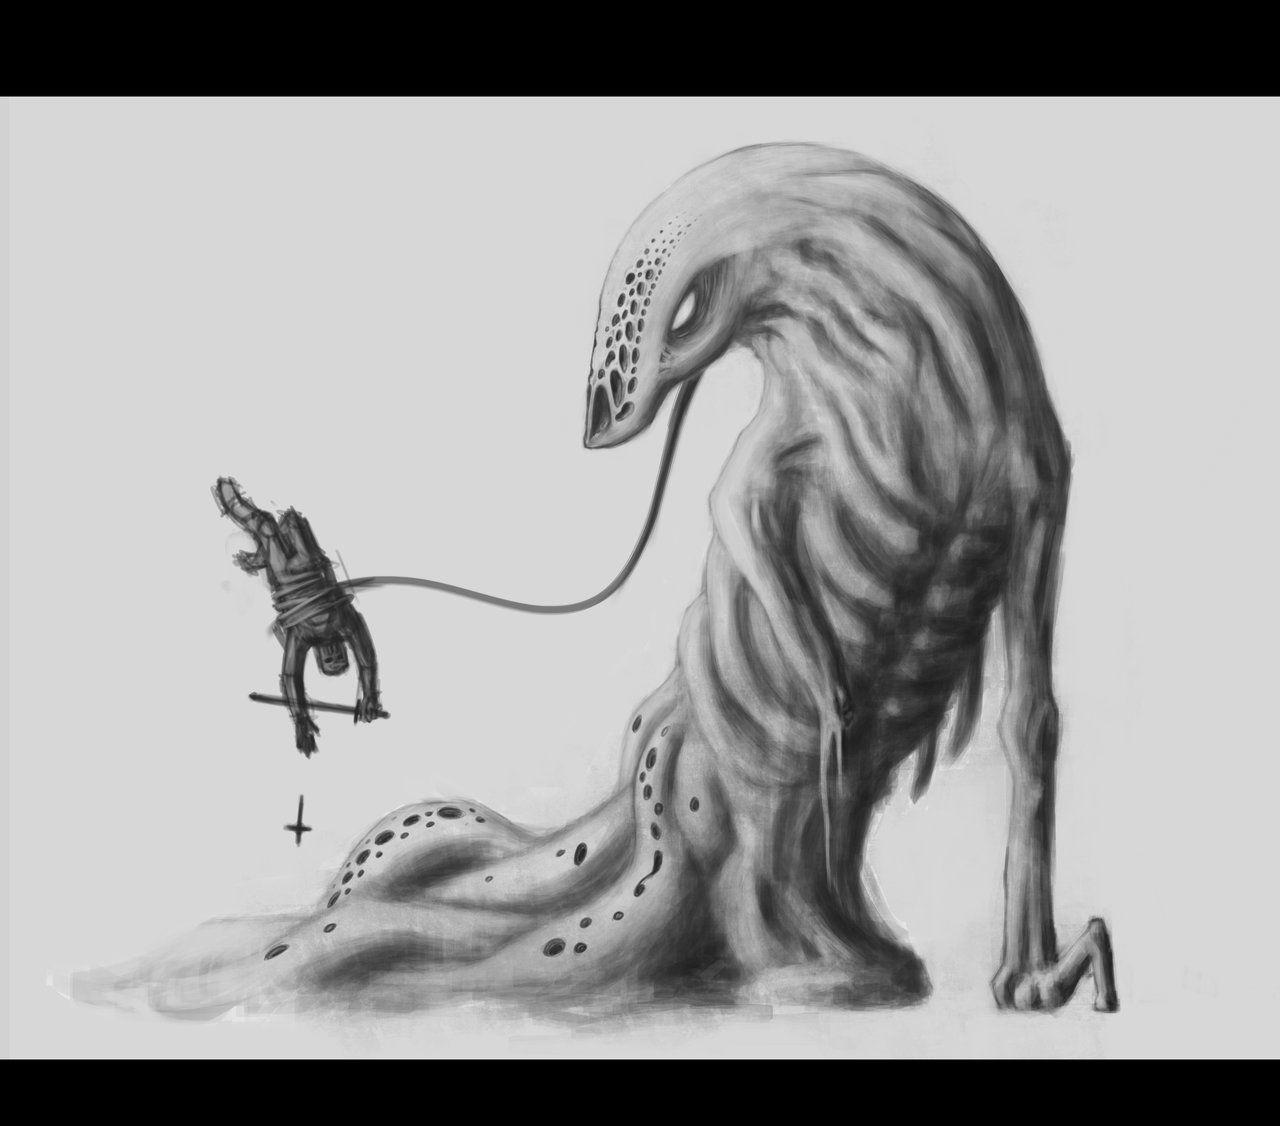 sketch by W1re.deviantart.com on @DeviantArt